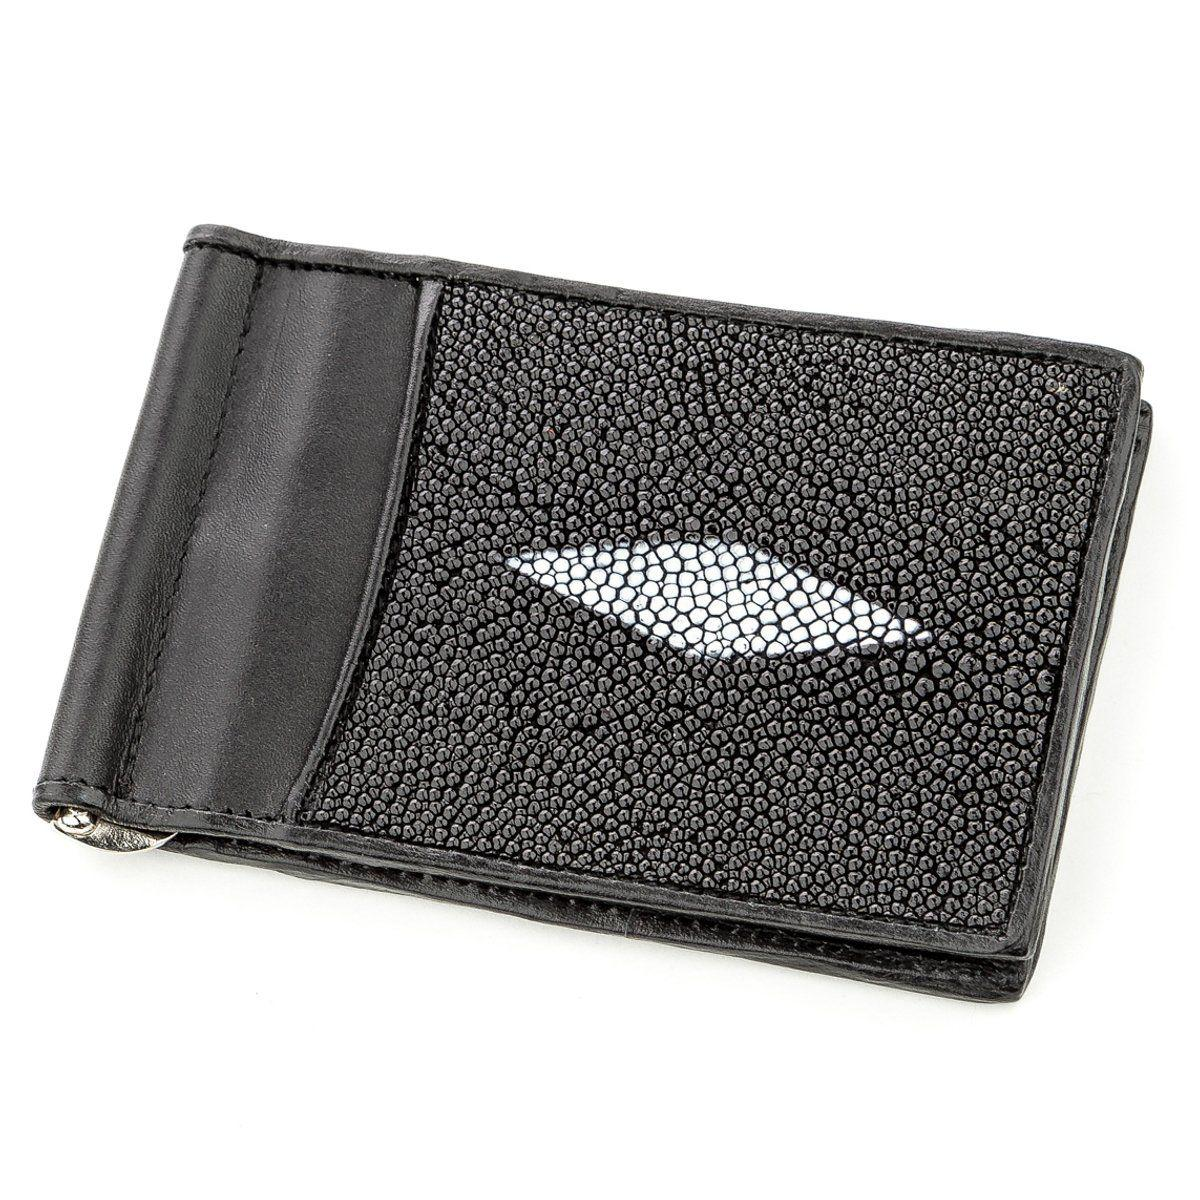 Зажим для денег STINGRAY LEATHER 18559 из натуральной кожи морского ската Черный, Черный